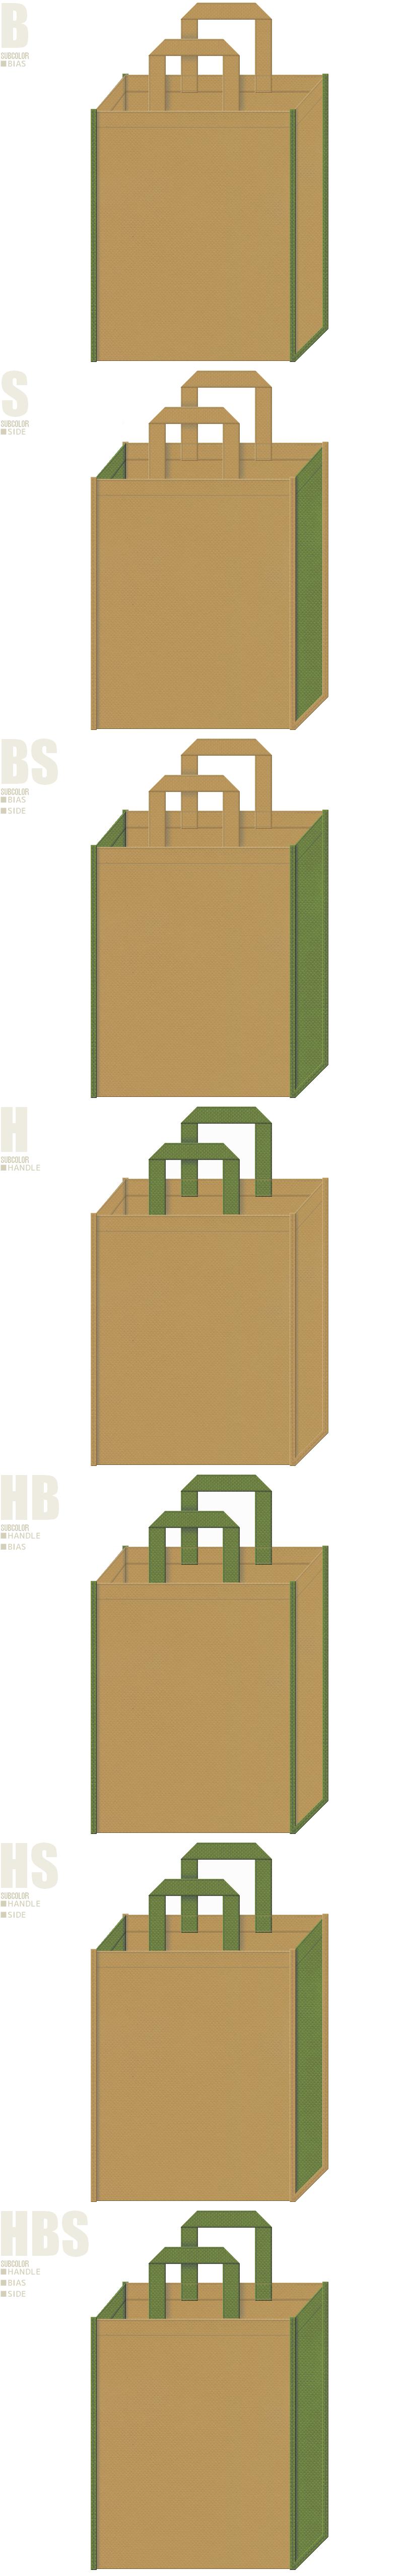 造園・和風エクステリア・和風インテリア・江戸時代のイメージ・DIYの展示会用バッグにお奨めの不織布バッグデザイン:金黄土色と草色の不織布バッグ配色7パターン。